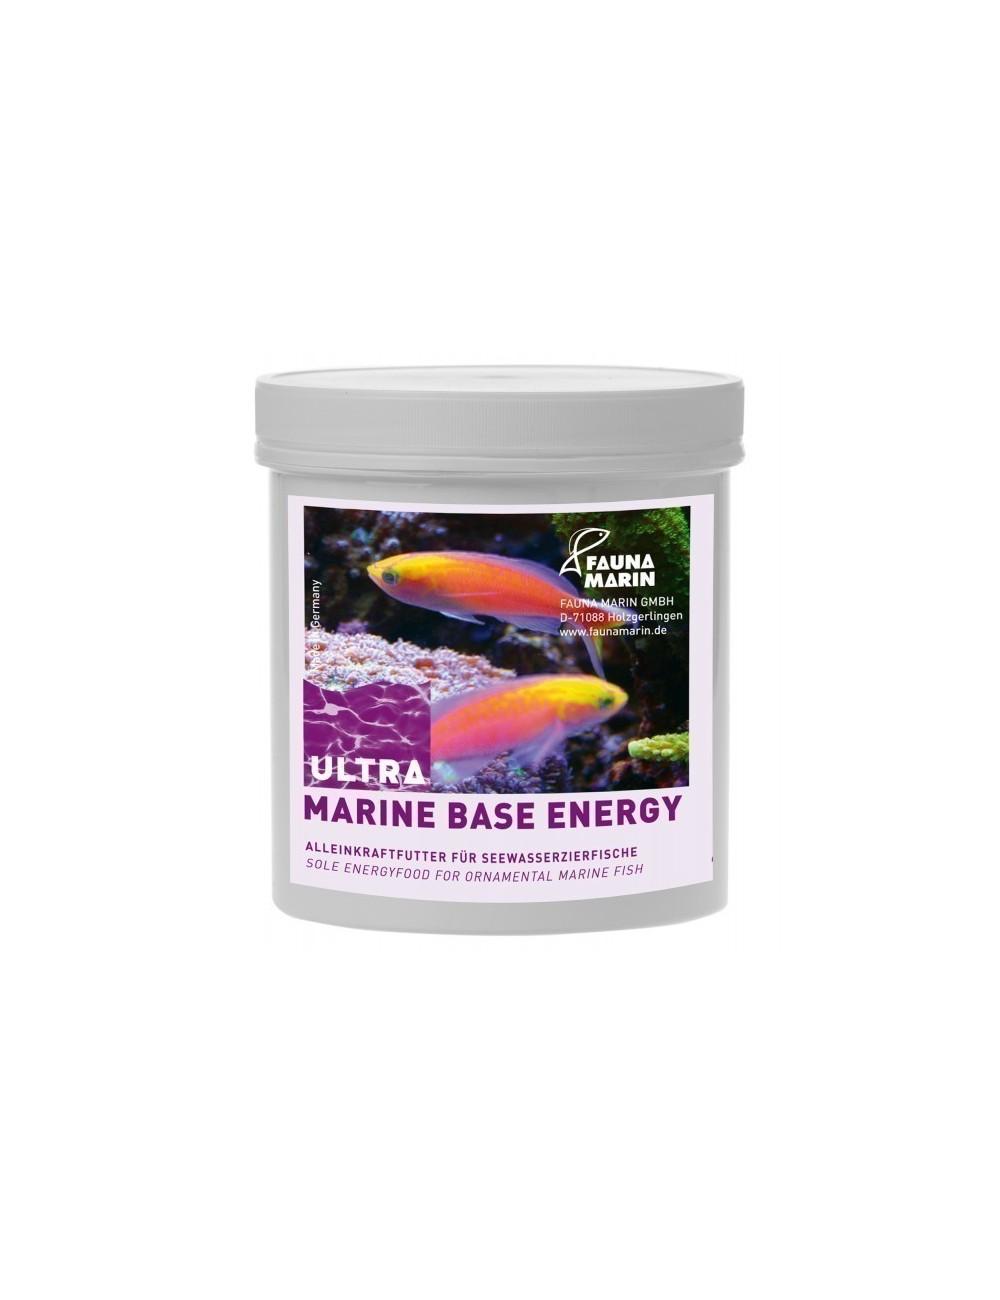 FAUNA MARIN - Marine Base Energy Taille L 100ml